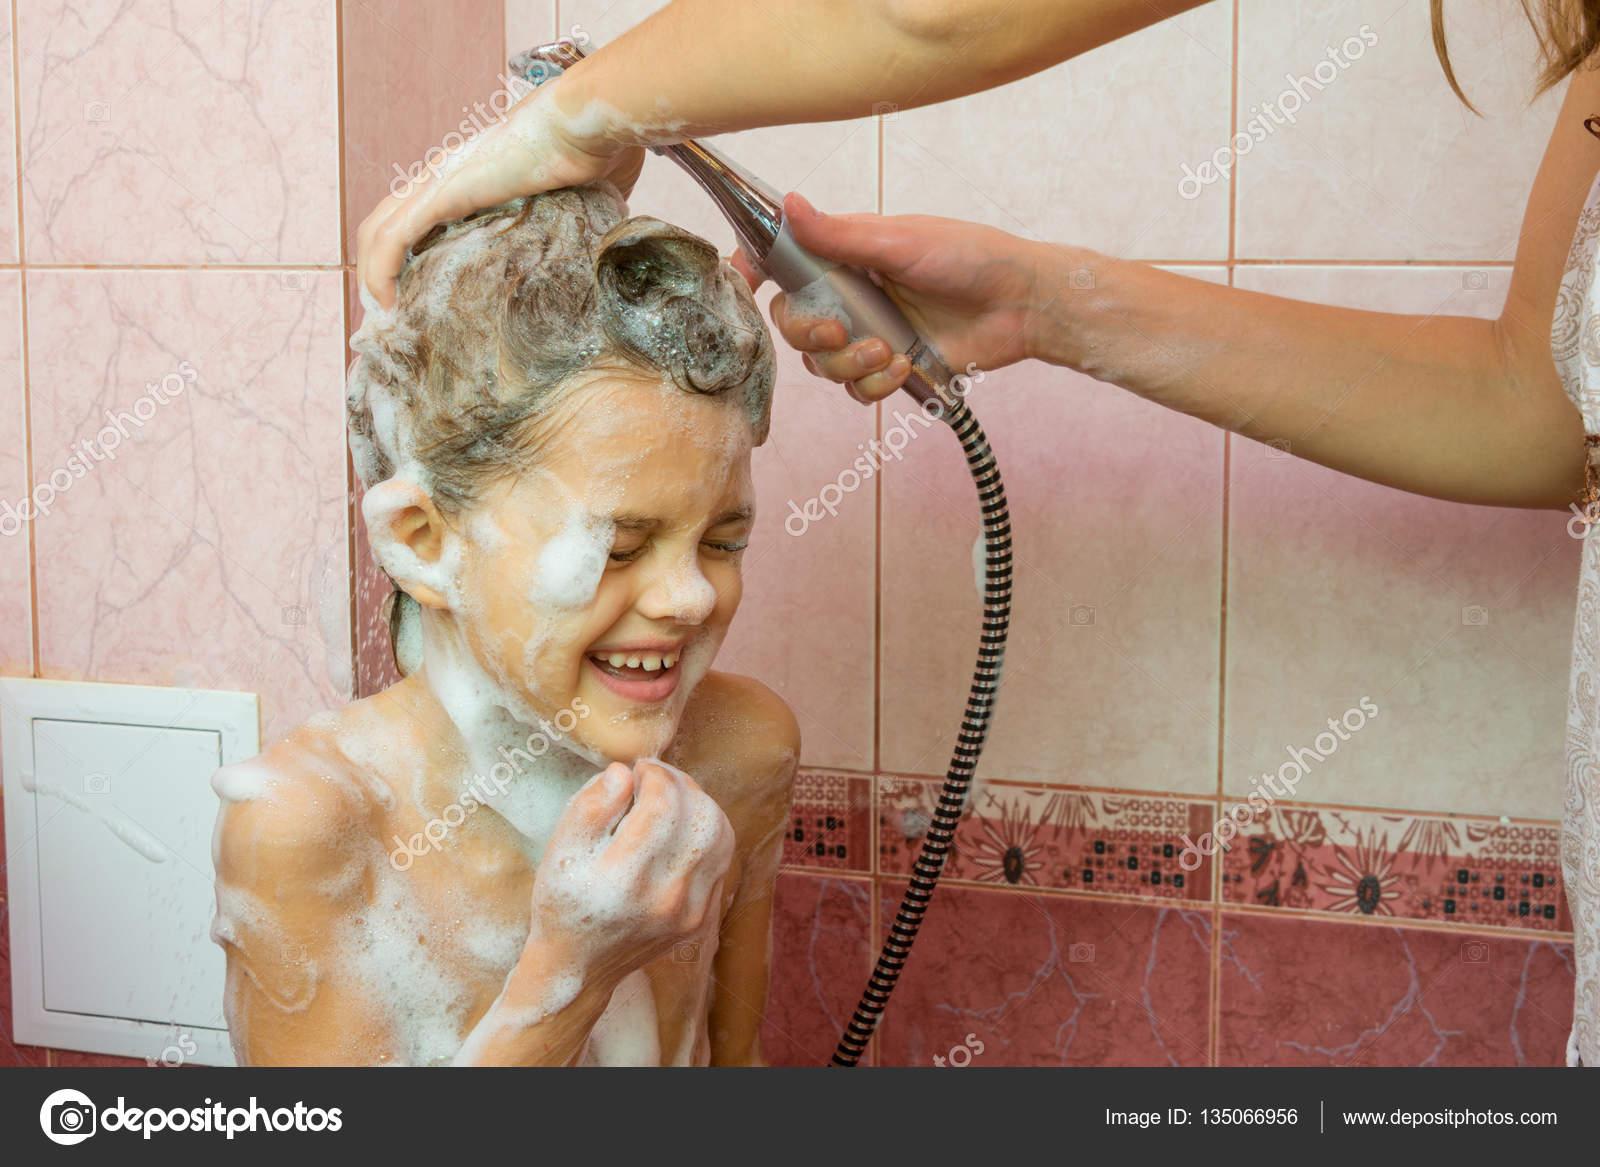 Сын подглядывает за матерью в бане, Порно сын подглядывает за мамой в бане HD 23 фотография